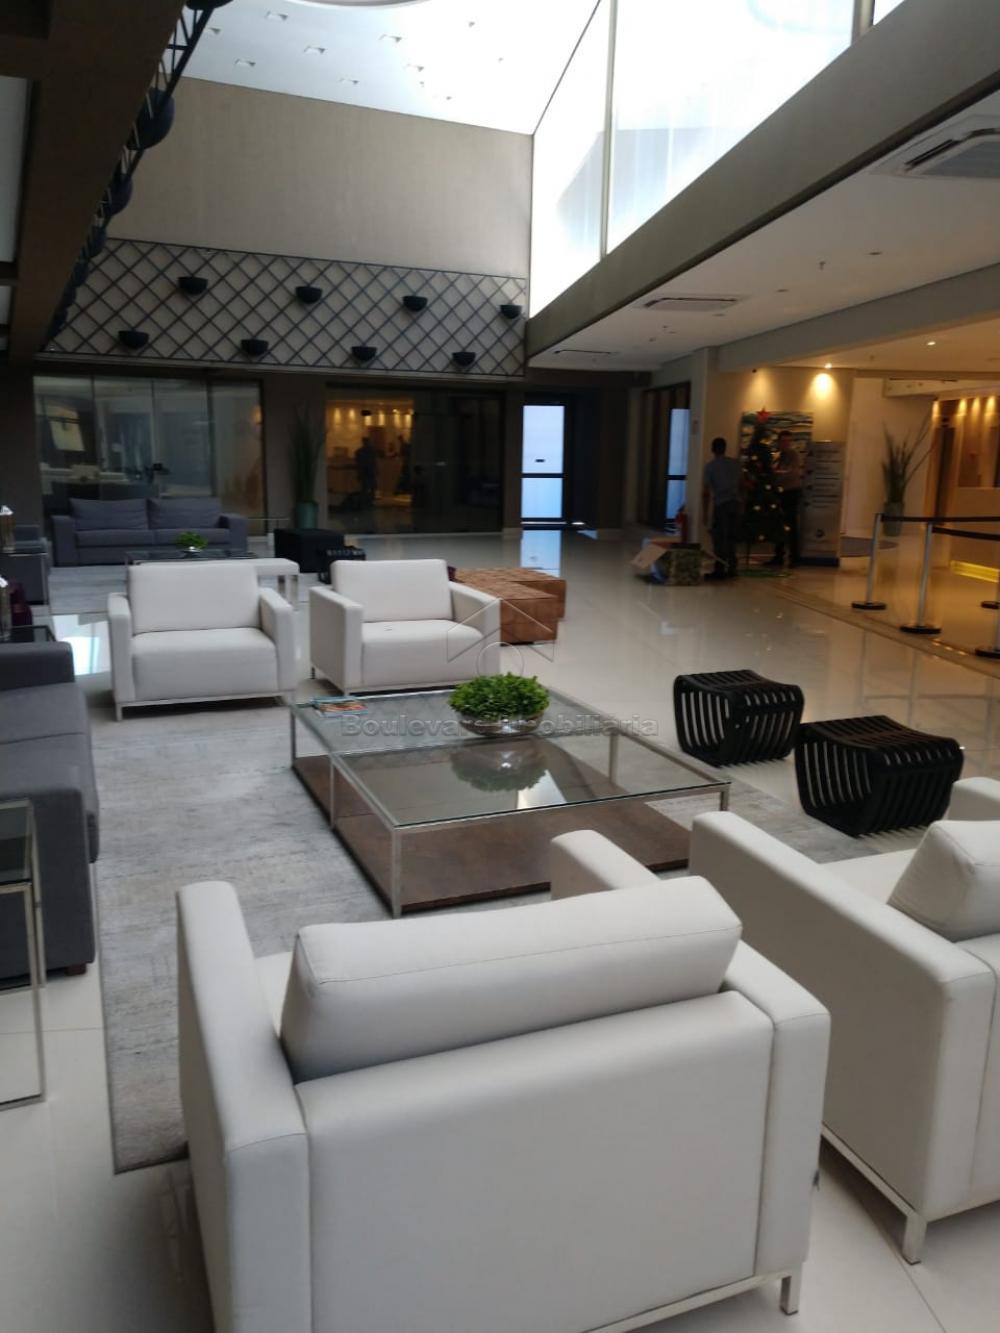 Alugar Apartamento / Padrão em Ribeirão Preto apenas R$ 1.950,00 - Foto 9